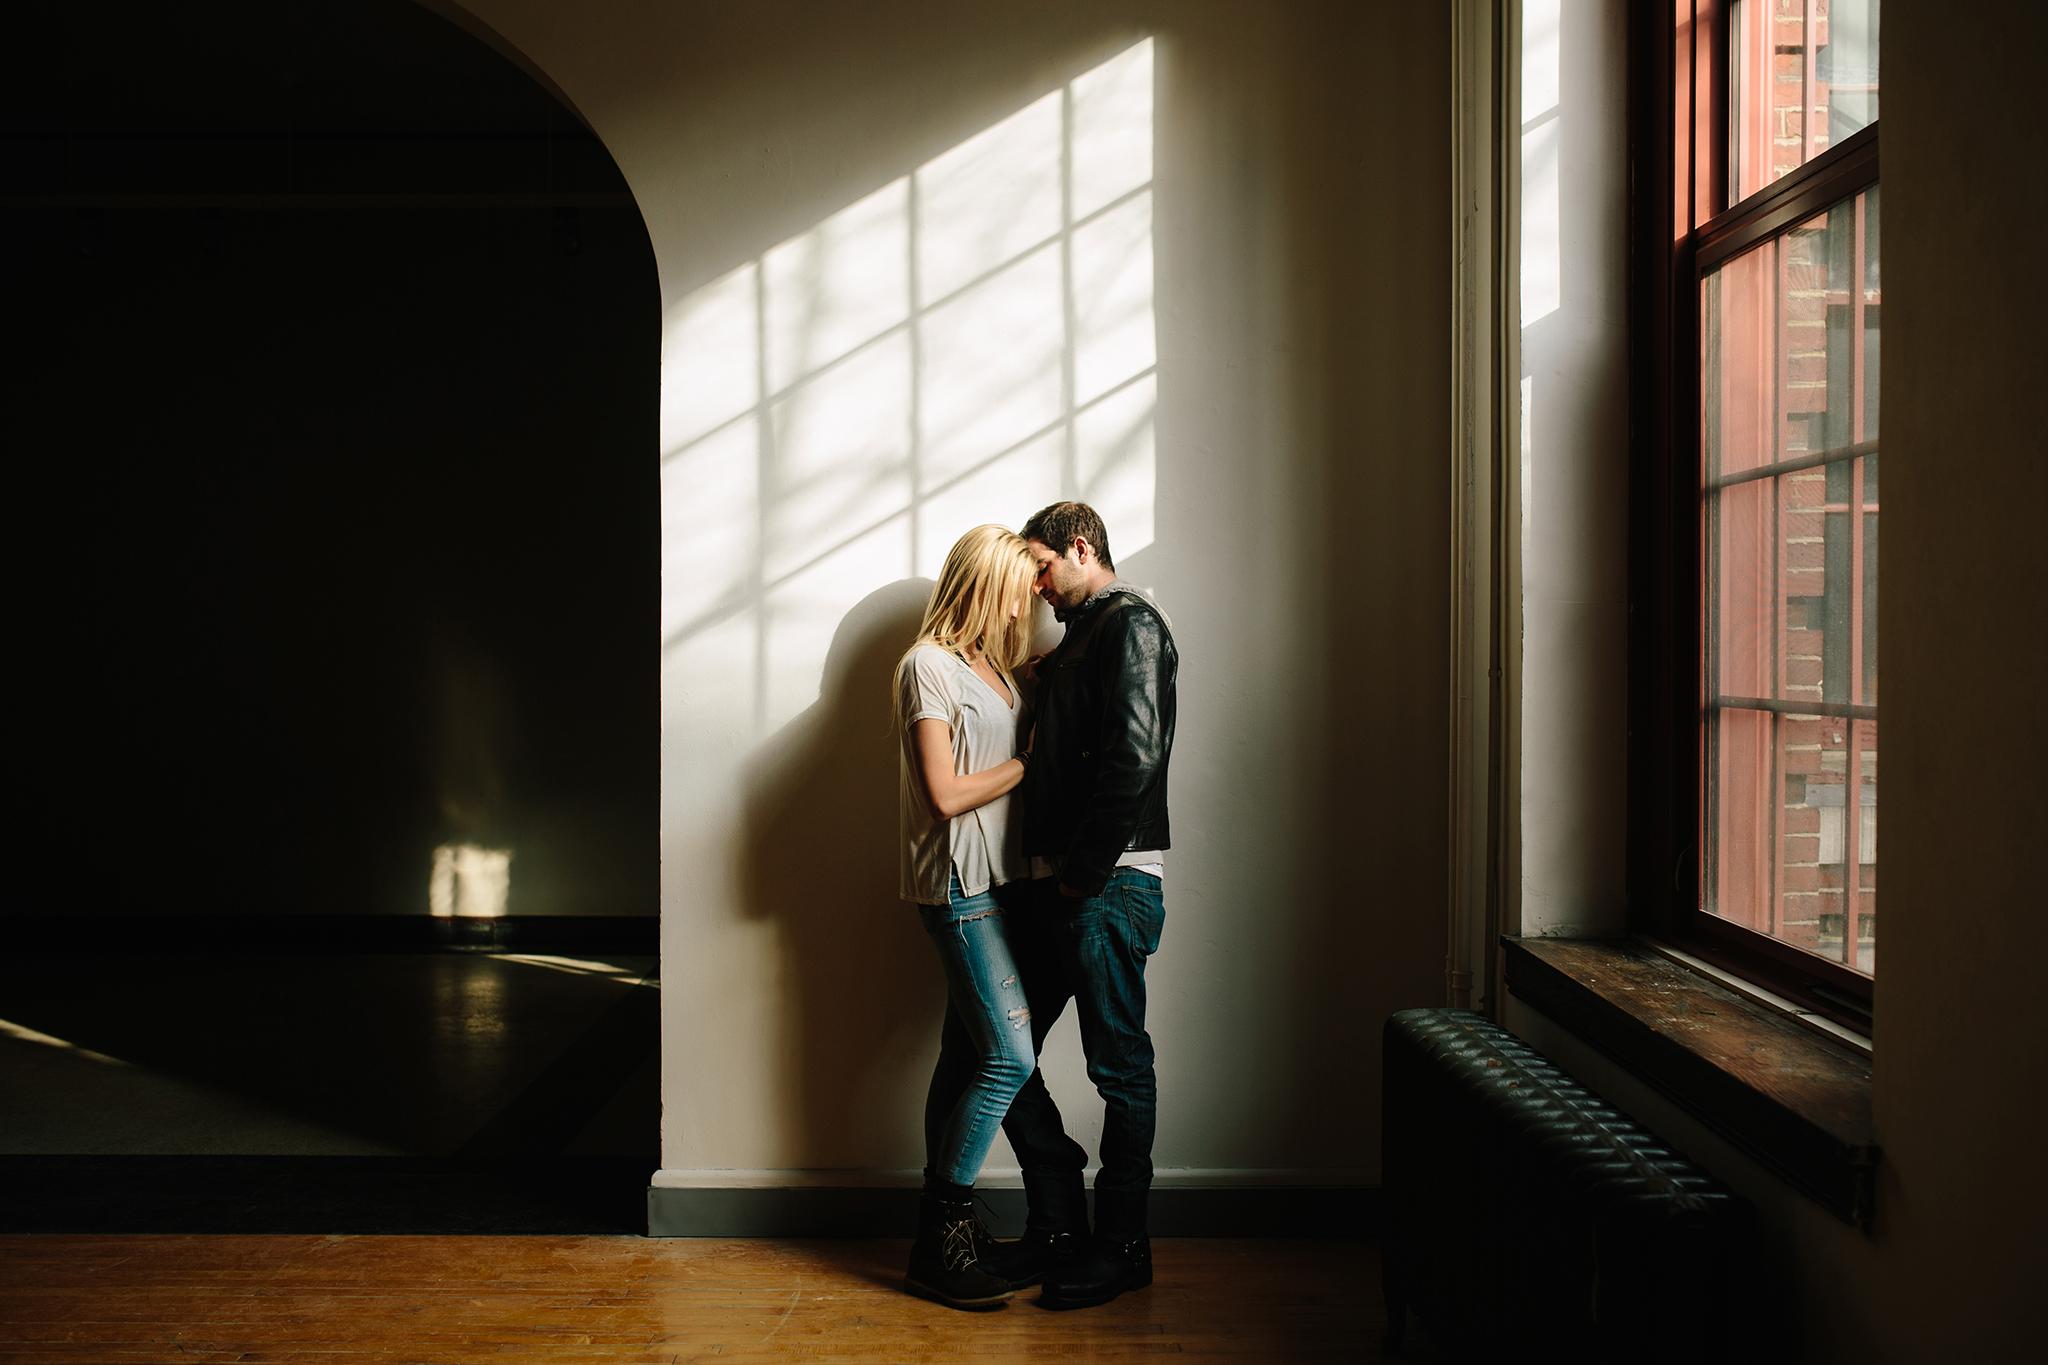 intimate-attractive-couple-portraits-denver-colorado-11.jpg